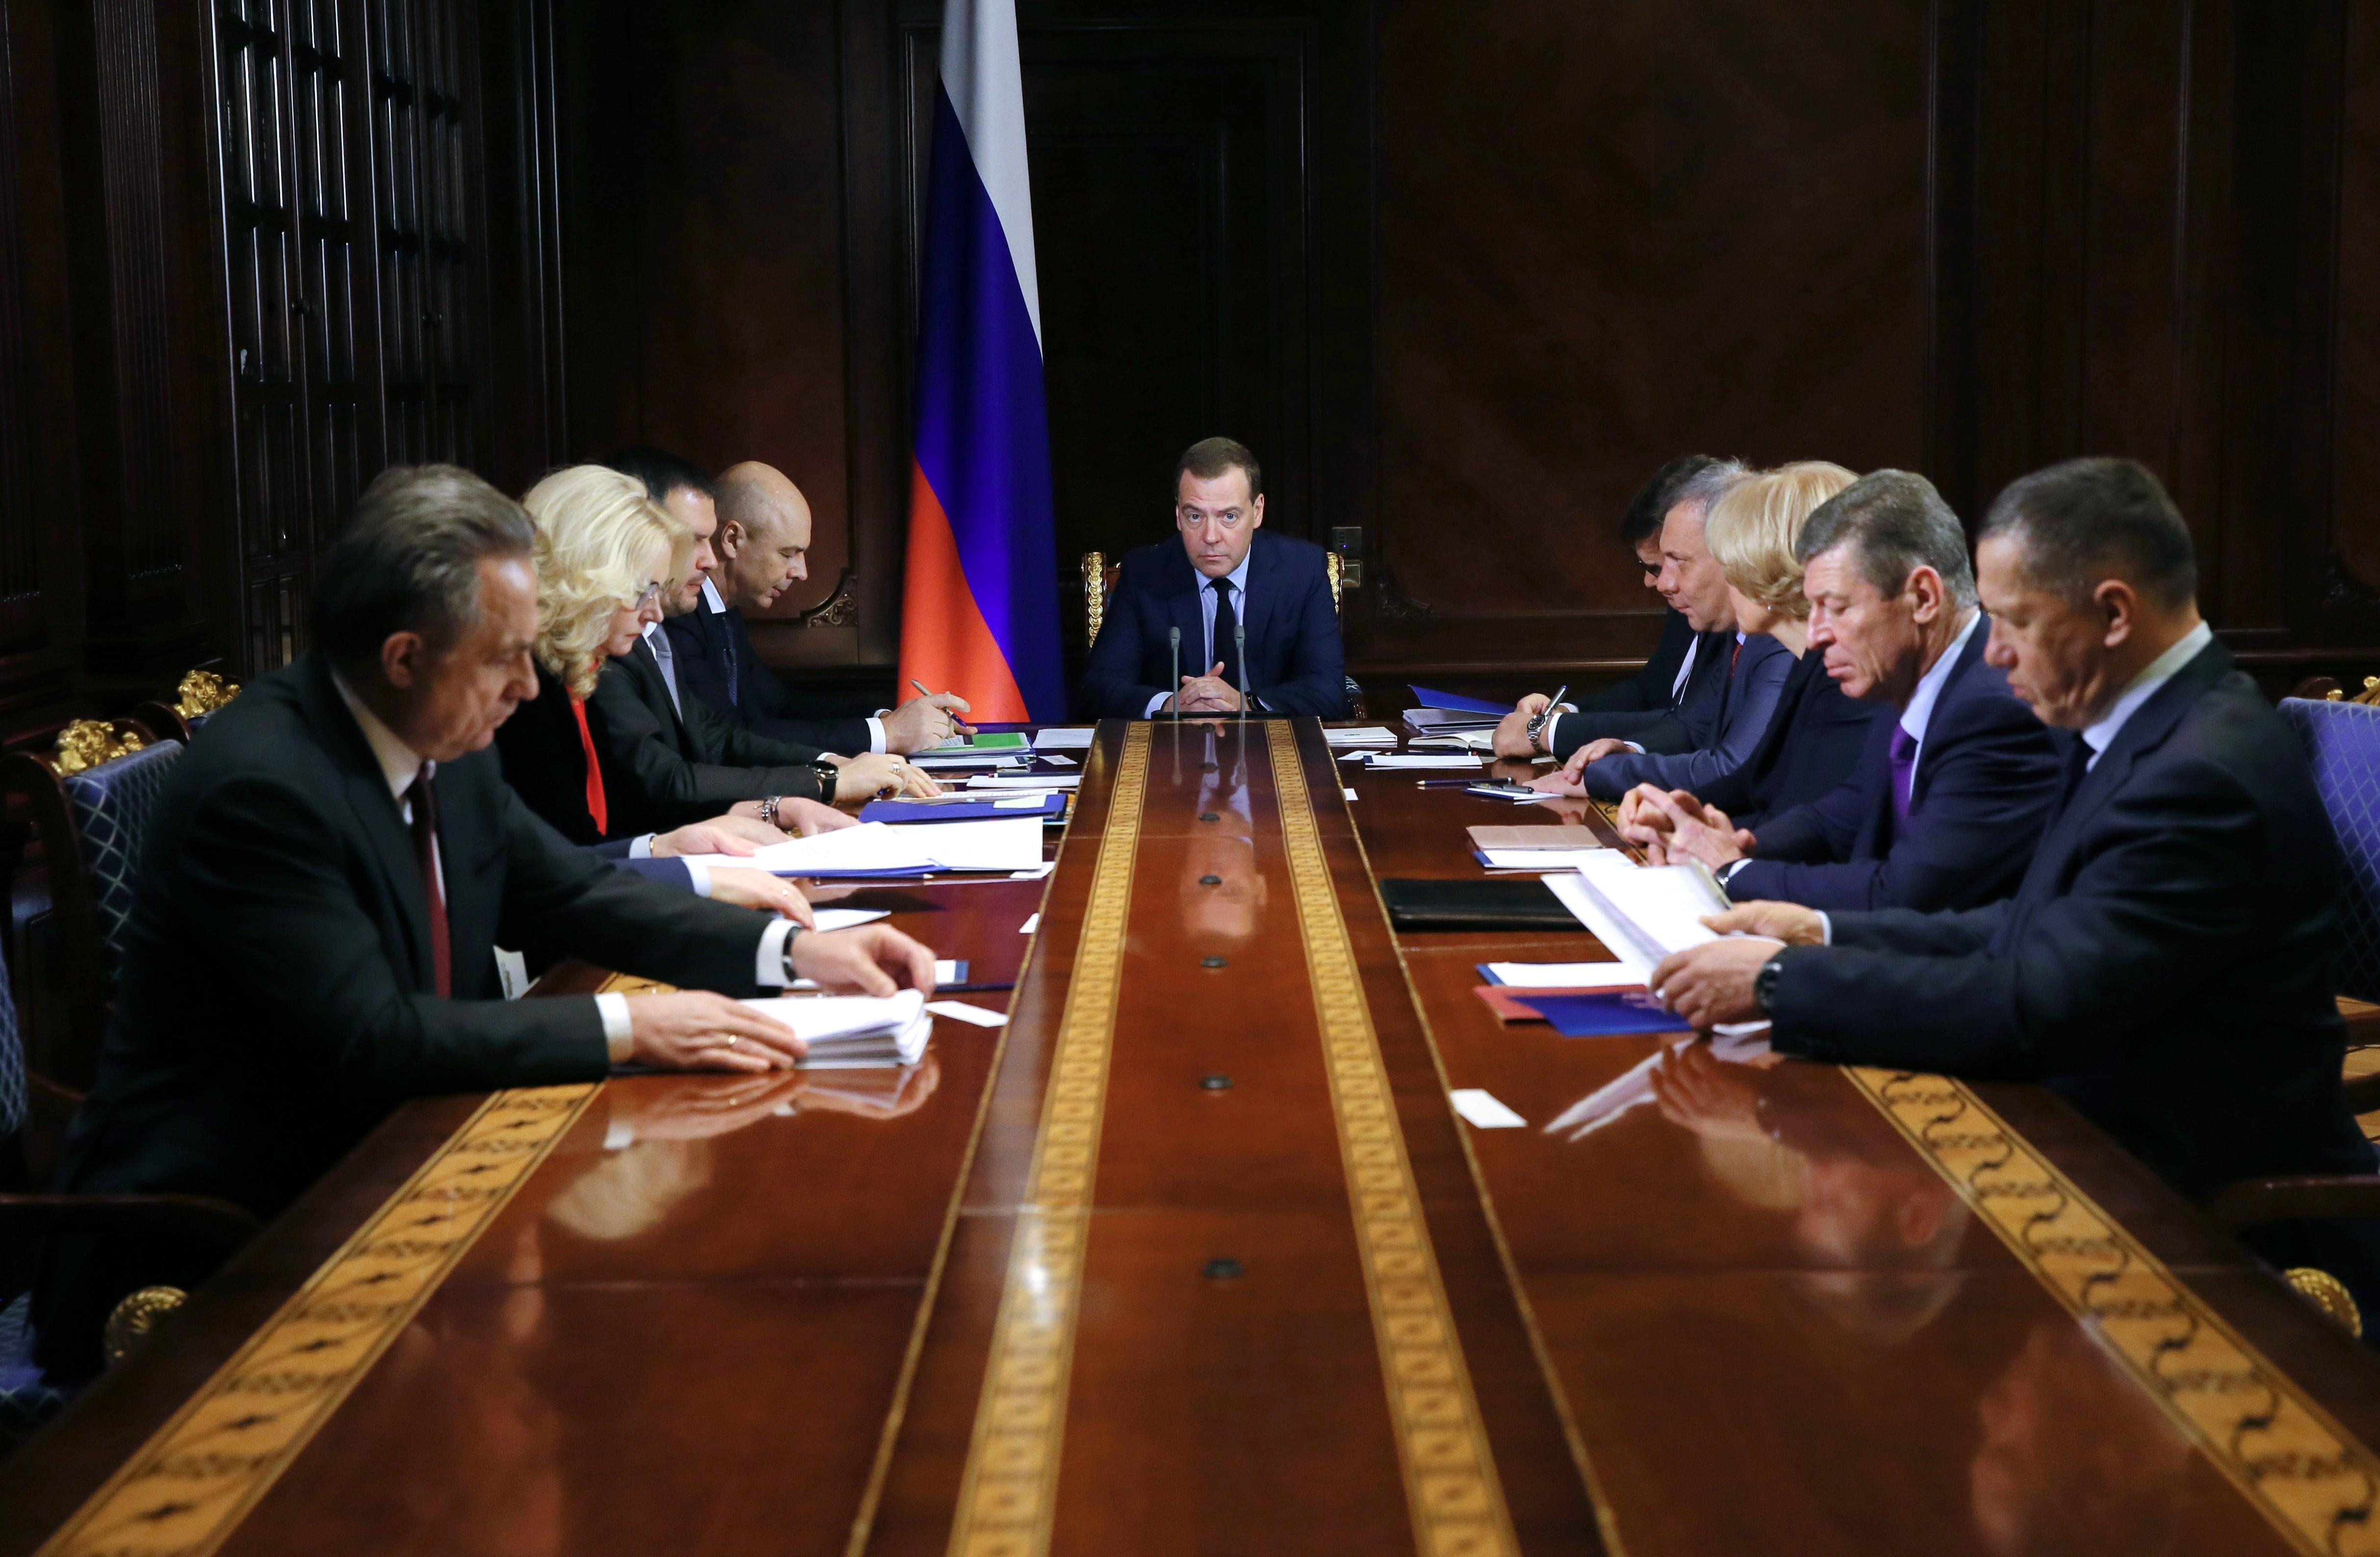 <p><span>Председатель правительства РФ Дмитрий Медведев проводит совещание с вице-премьерами РФ.&nbsp;Фото: &copy; РИА Новости/Екатерина Штукина</span></p>